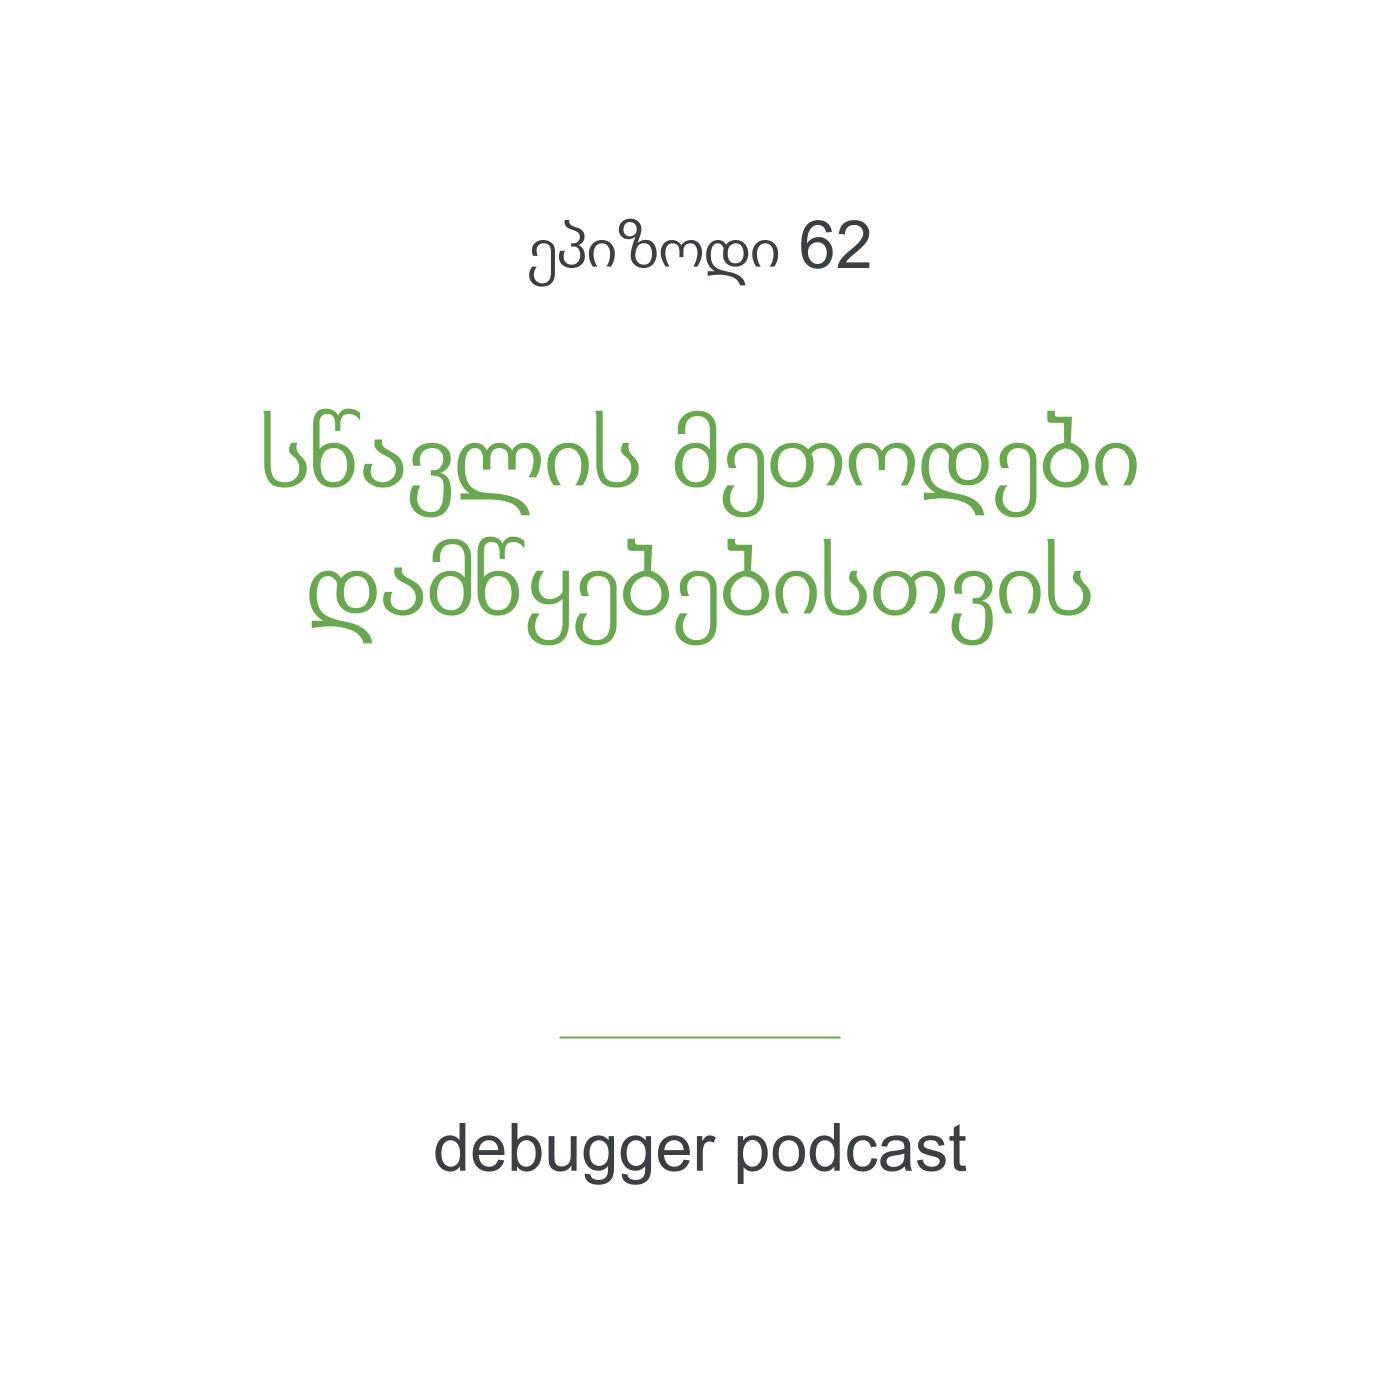 ეპ. 62 - სწავლების მეთოდები დამწყებებისთვის